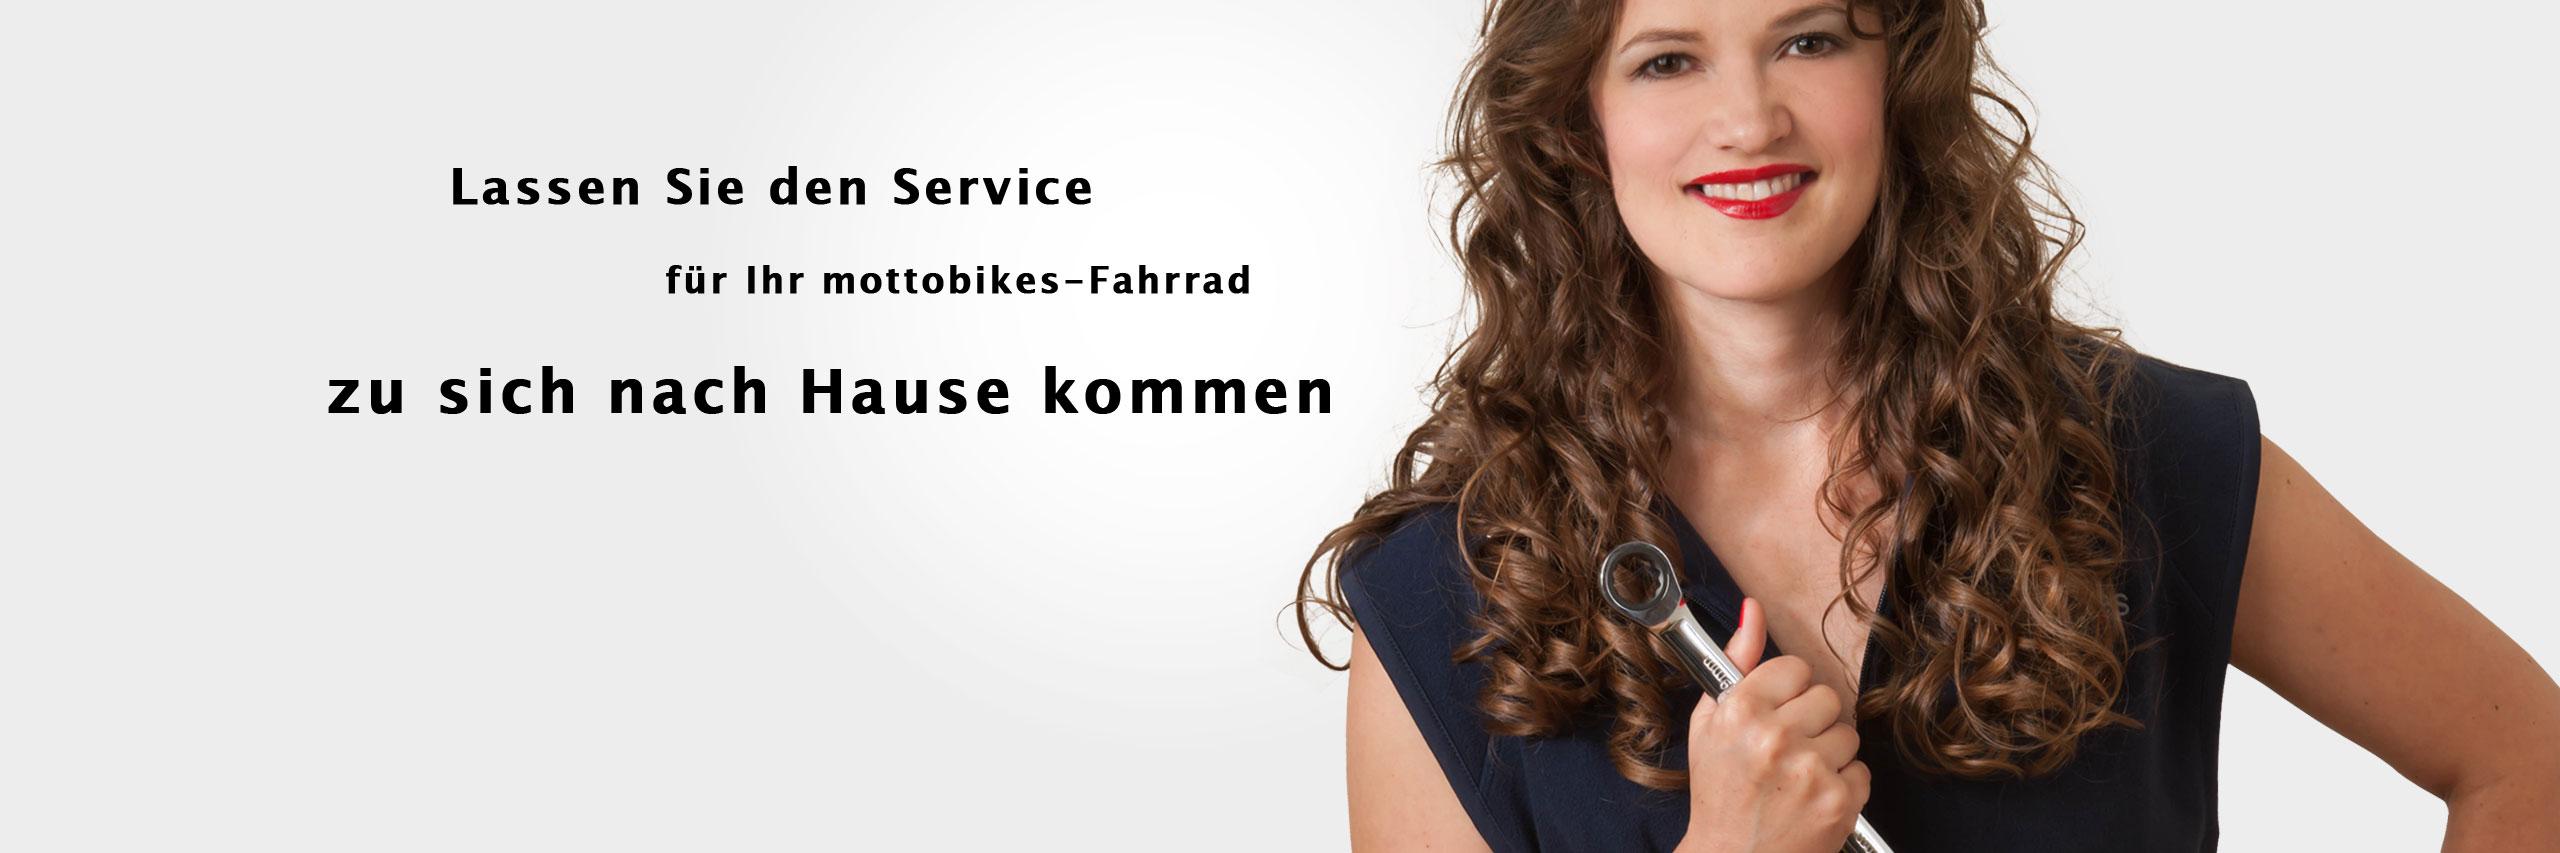 slide-service4